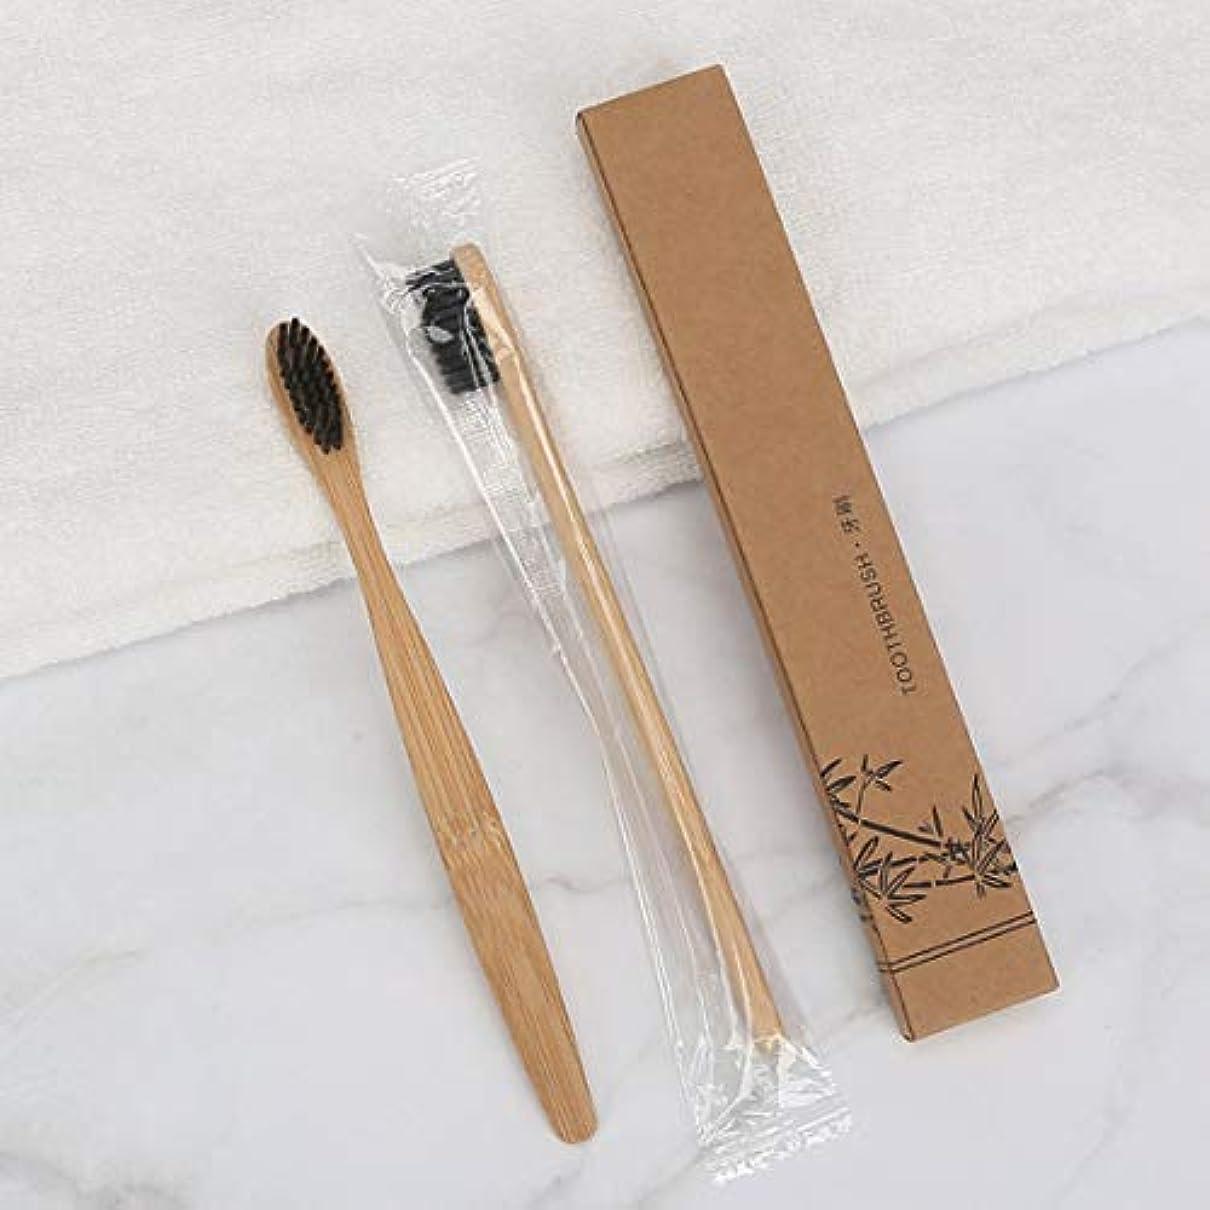 労働者溶接精査竹の歯ブラシ竹の歯ブラシ竹の歯ブラシ天然の竹のハンドル木材健康環境にやさしいやわらかい髪(黒)